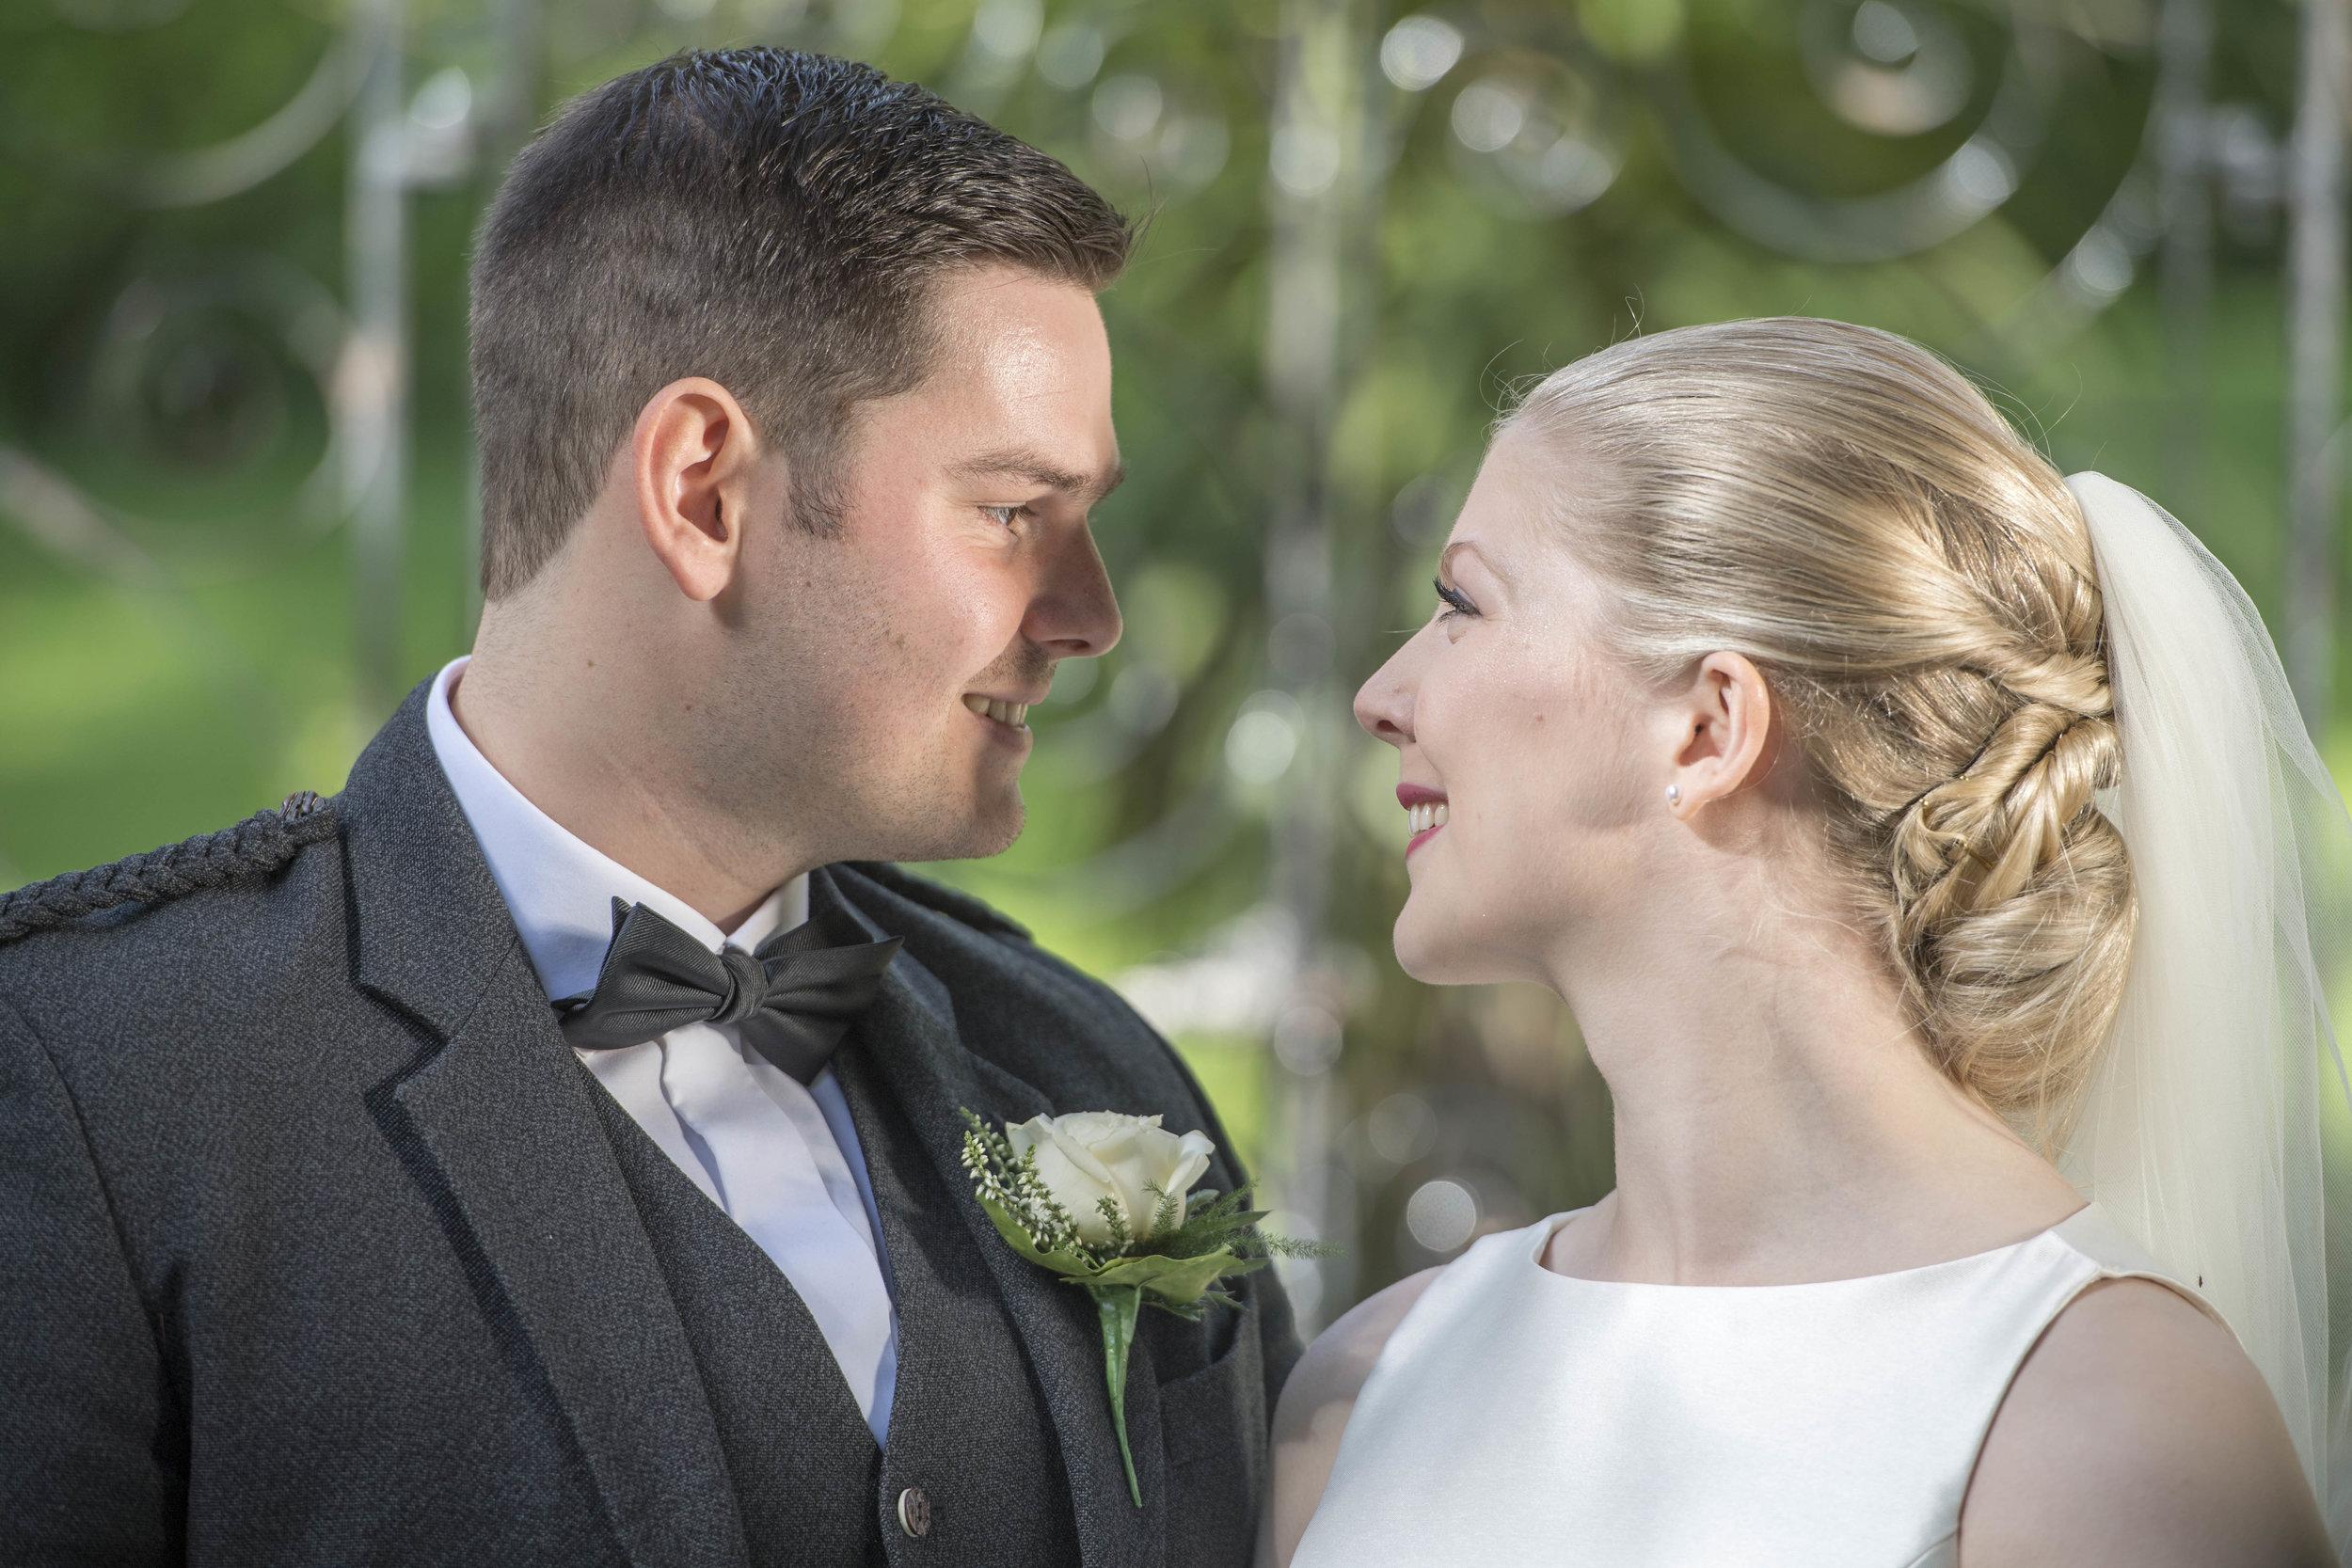 The wedding of Phoenix Theatre actors Ian and Katie Baxter